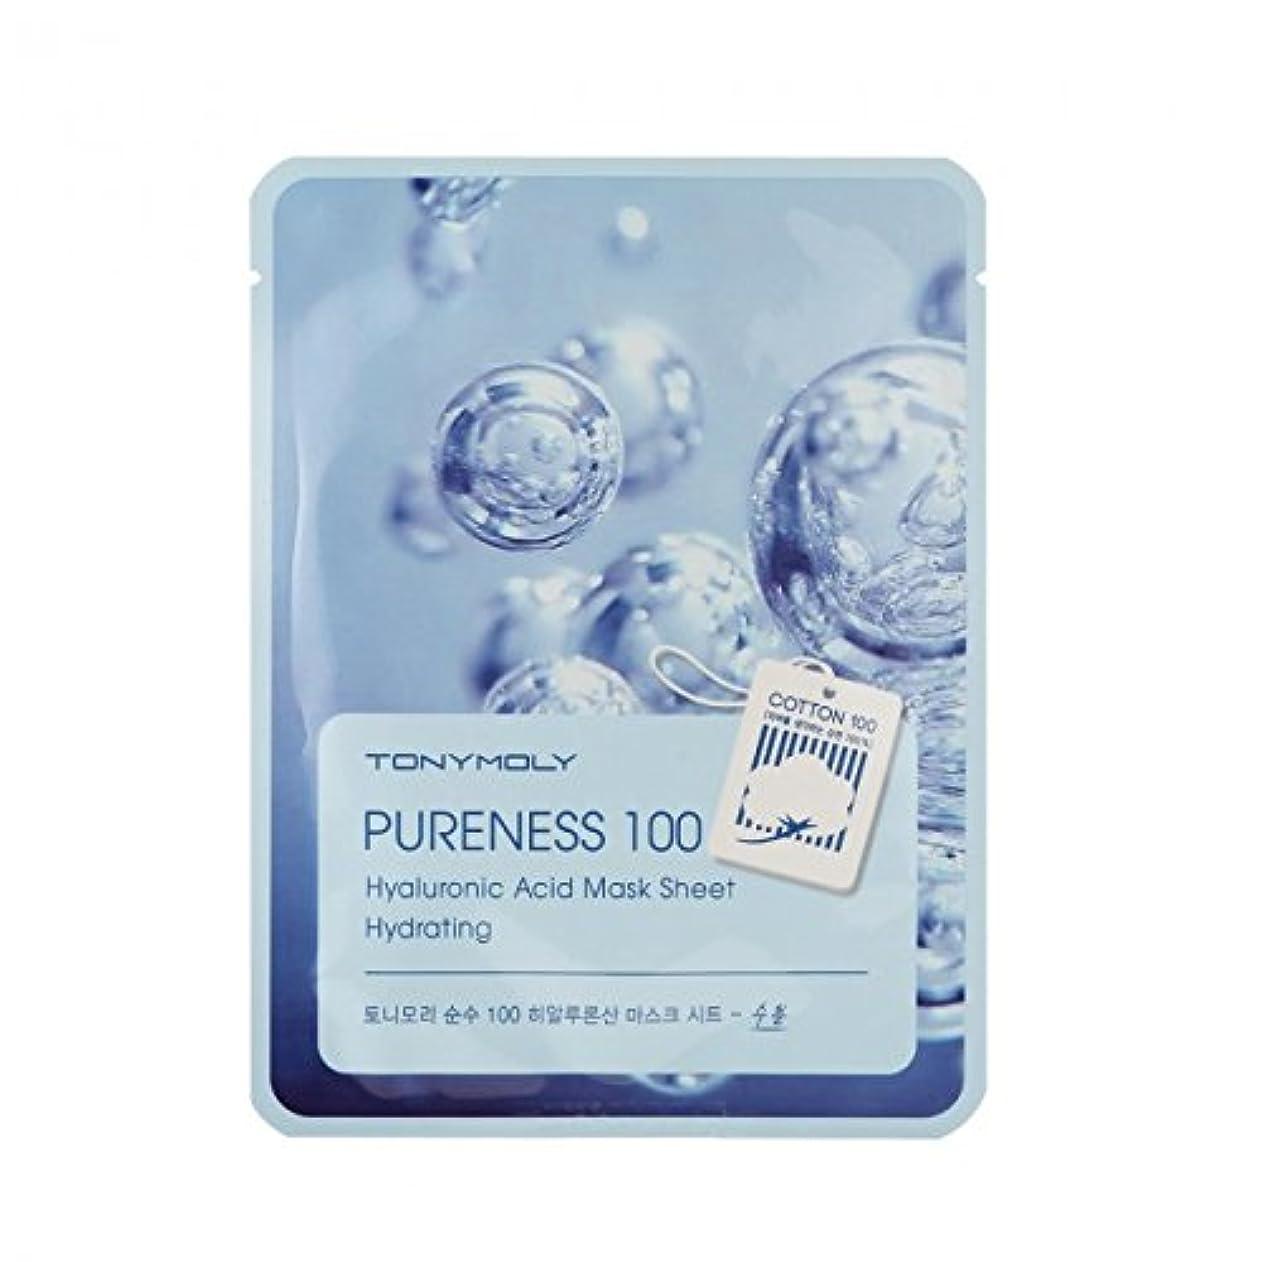 異常特権的落ち込んでいる(3 Pack) TONYMOLY Pureness 100 Hyaluronic Acid Mask Sheet Hydrating (並行輸入品)